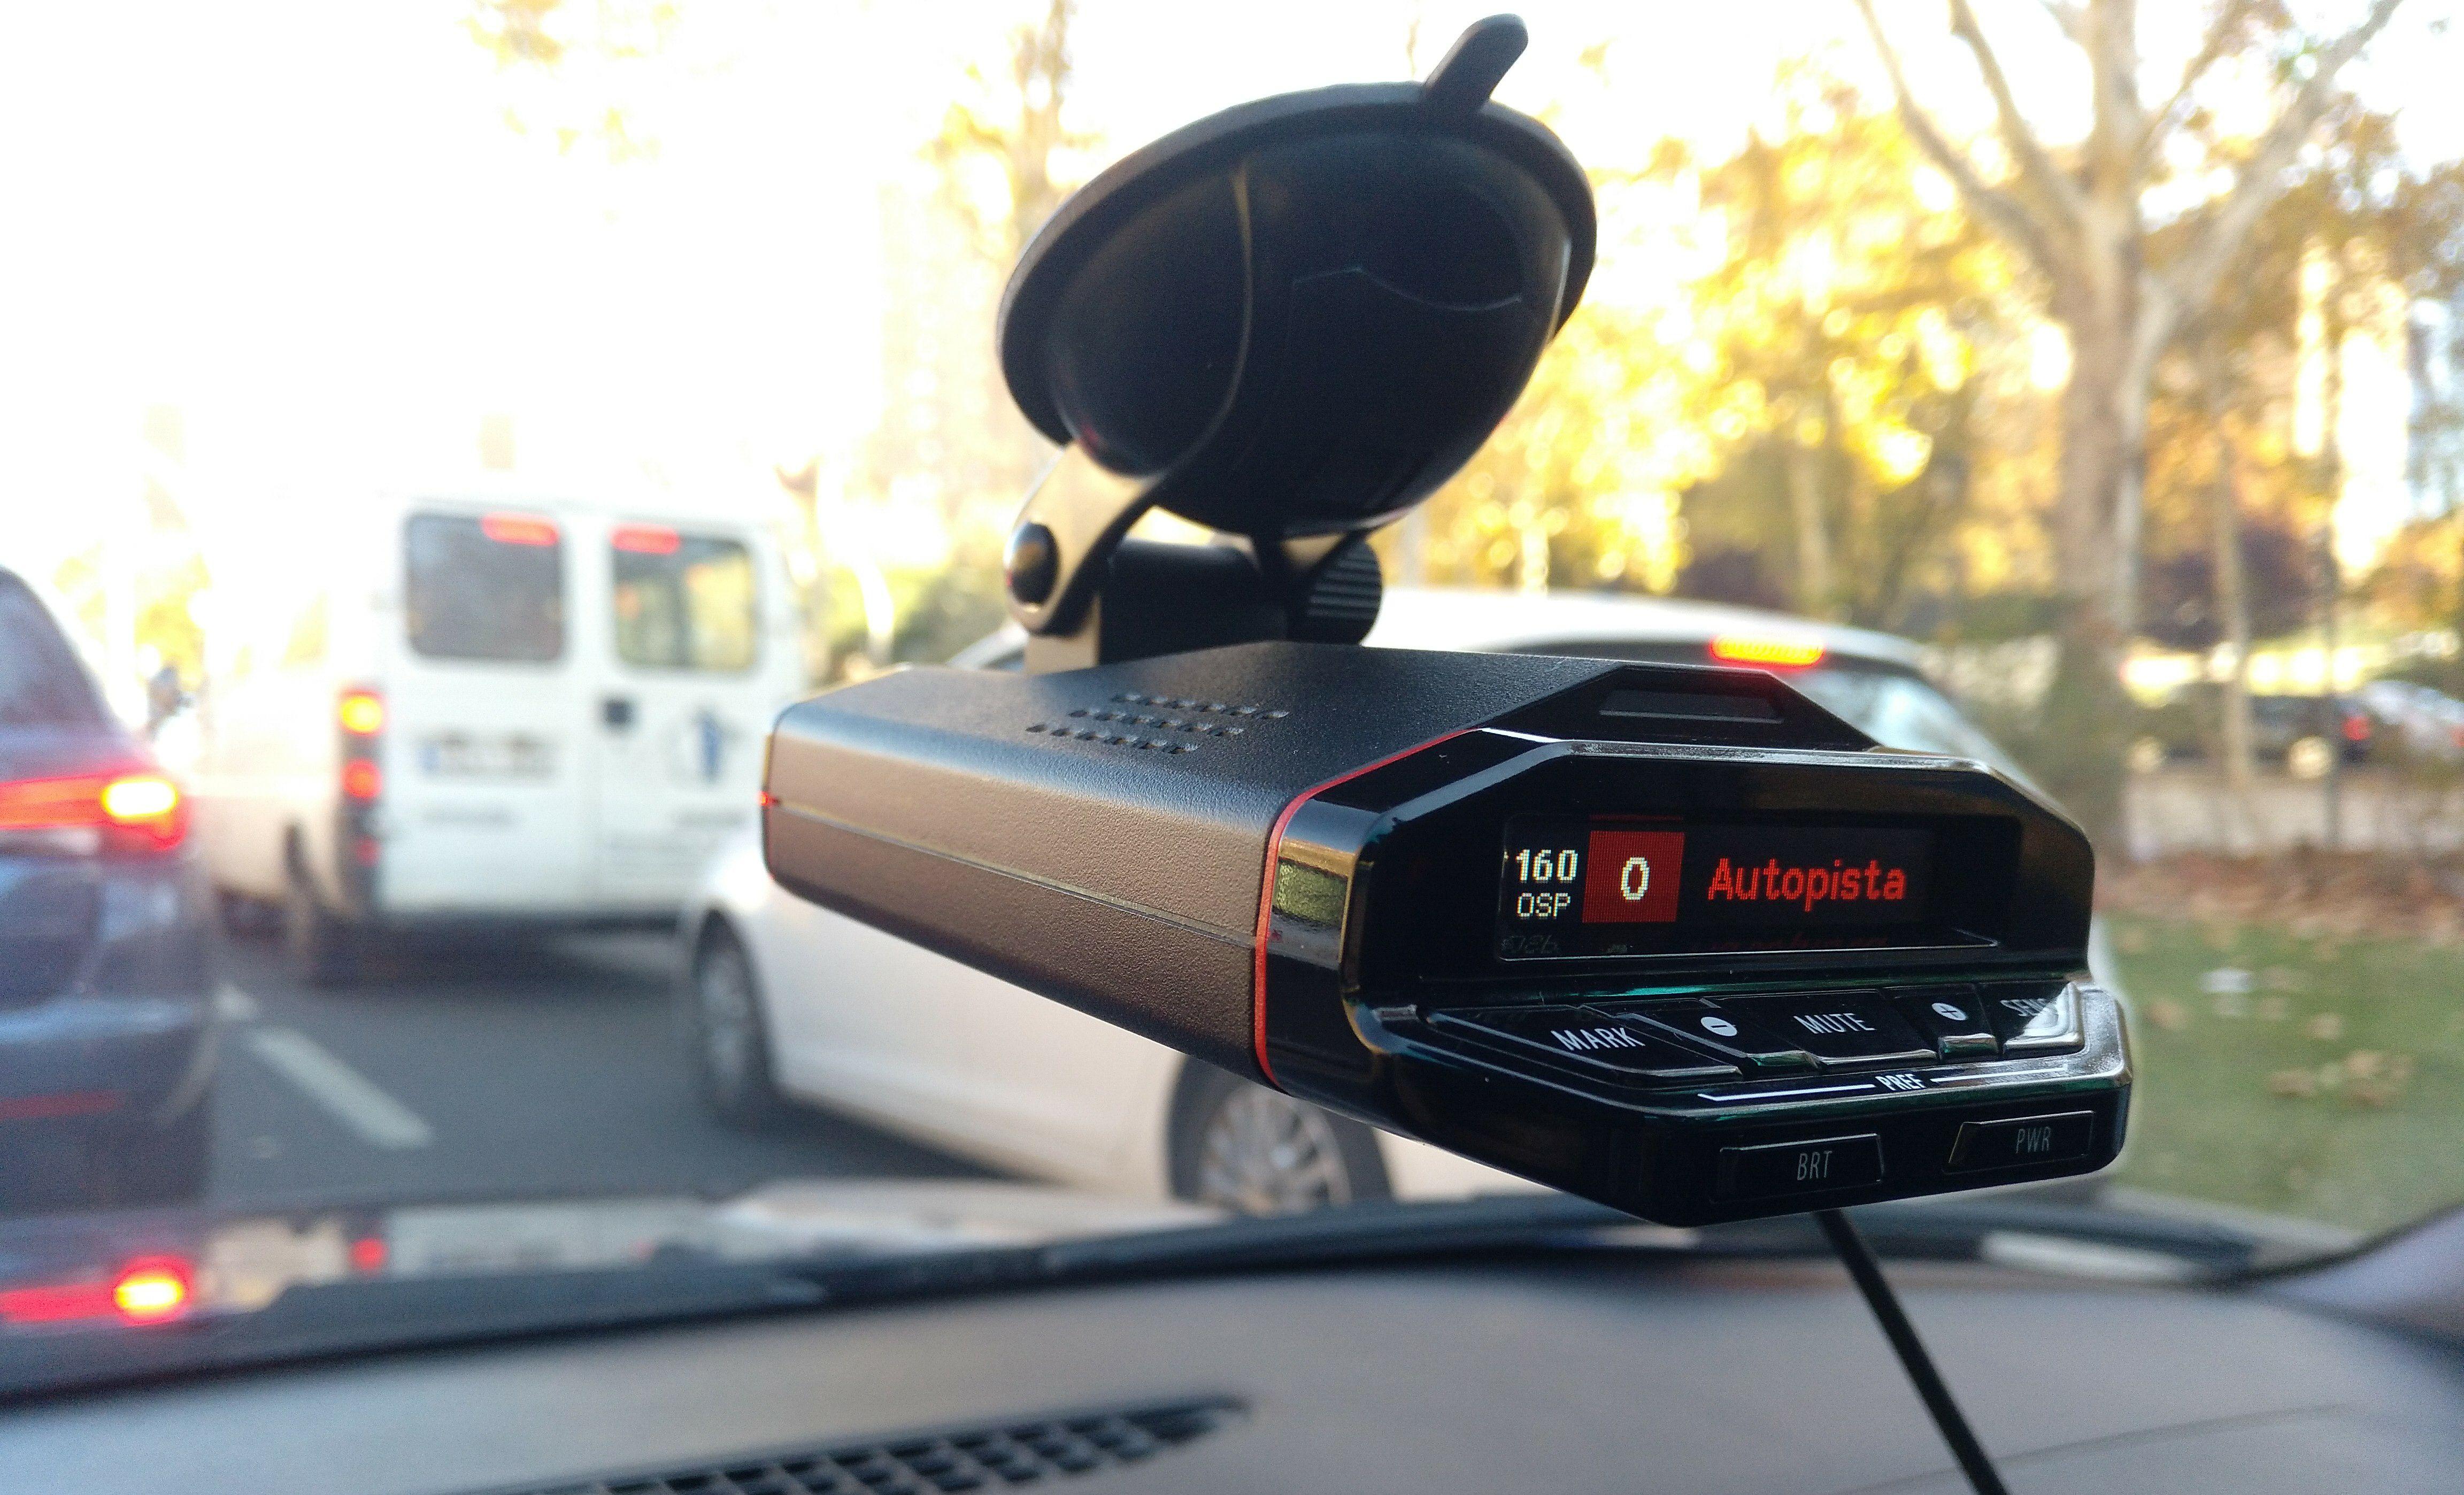 Detector de radar Escort Redline EX - Prueba y opinión - TODORADARES